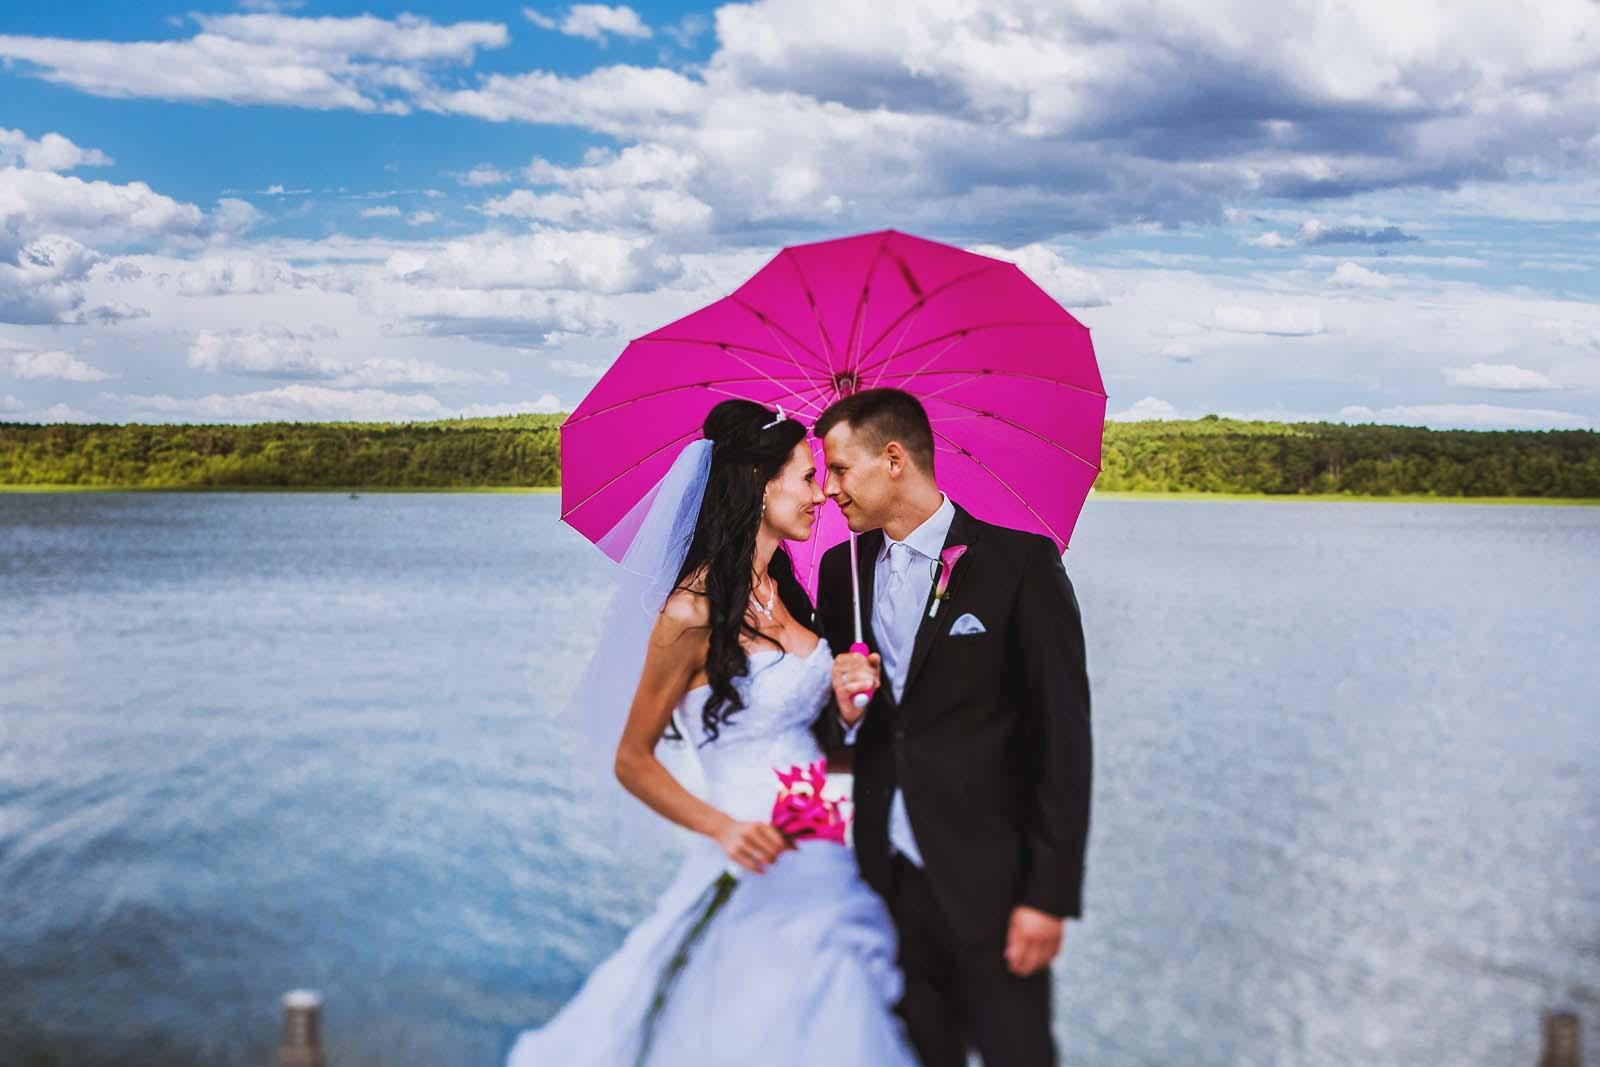 Hochzeitsportrait zeigt Brautpaar mit Schirm in Pink Copyright by Hochzeitsfotograf www.berliner-hochzeitsfotografie.de